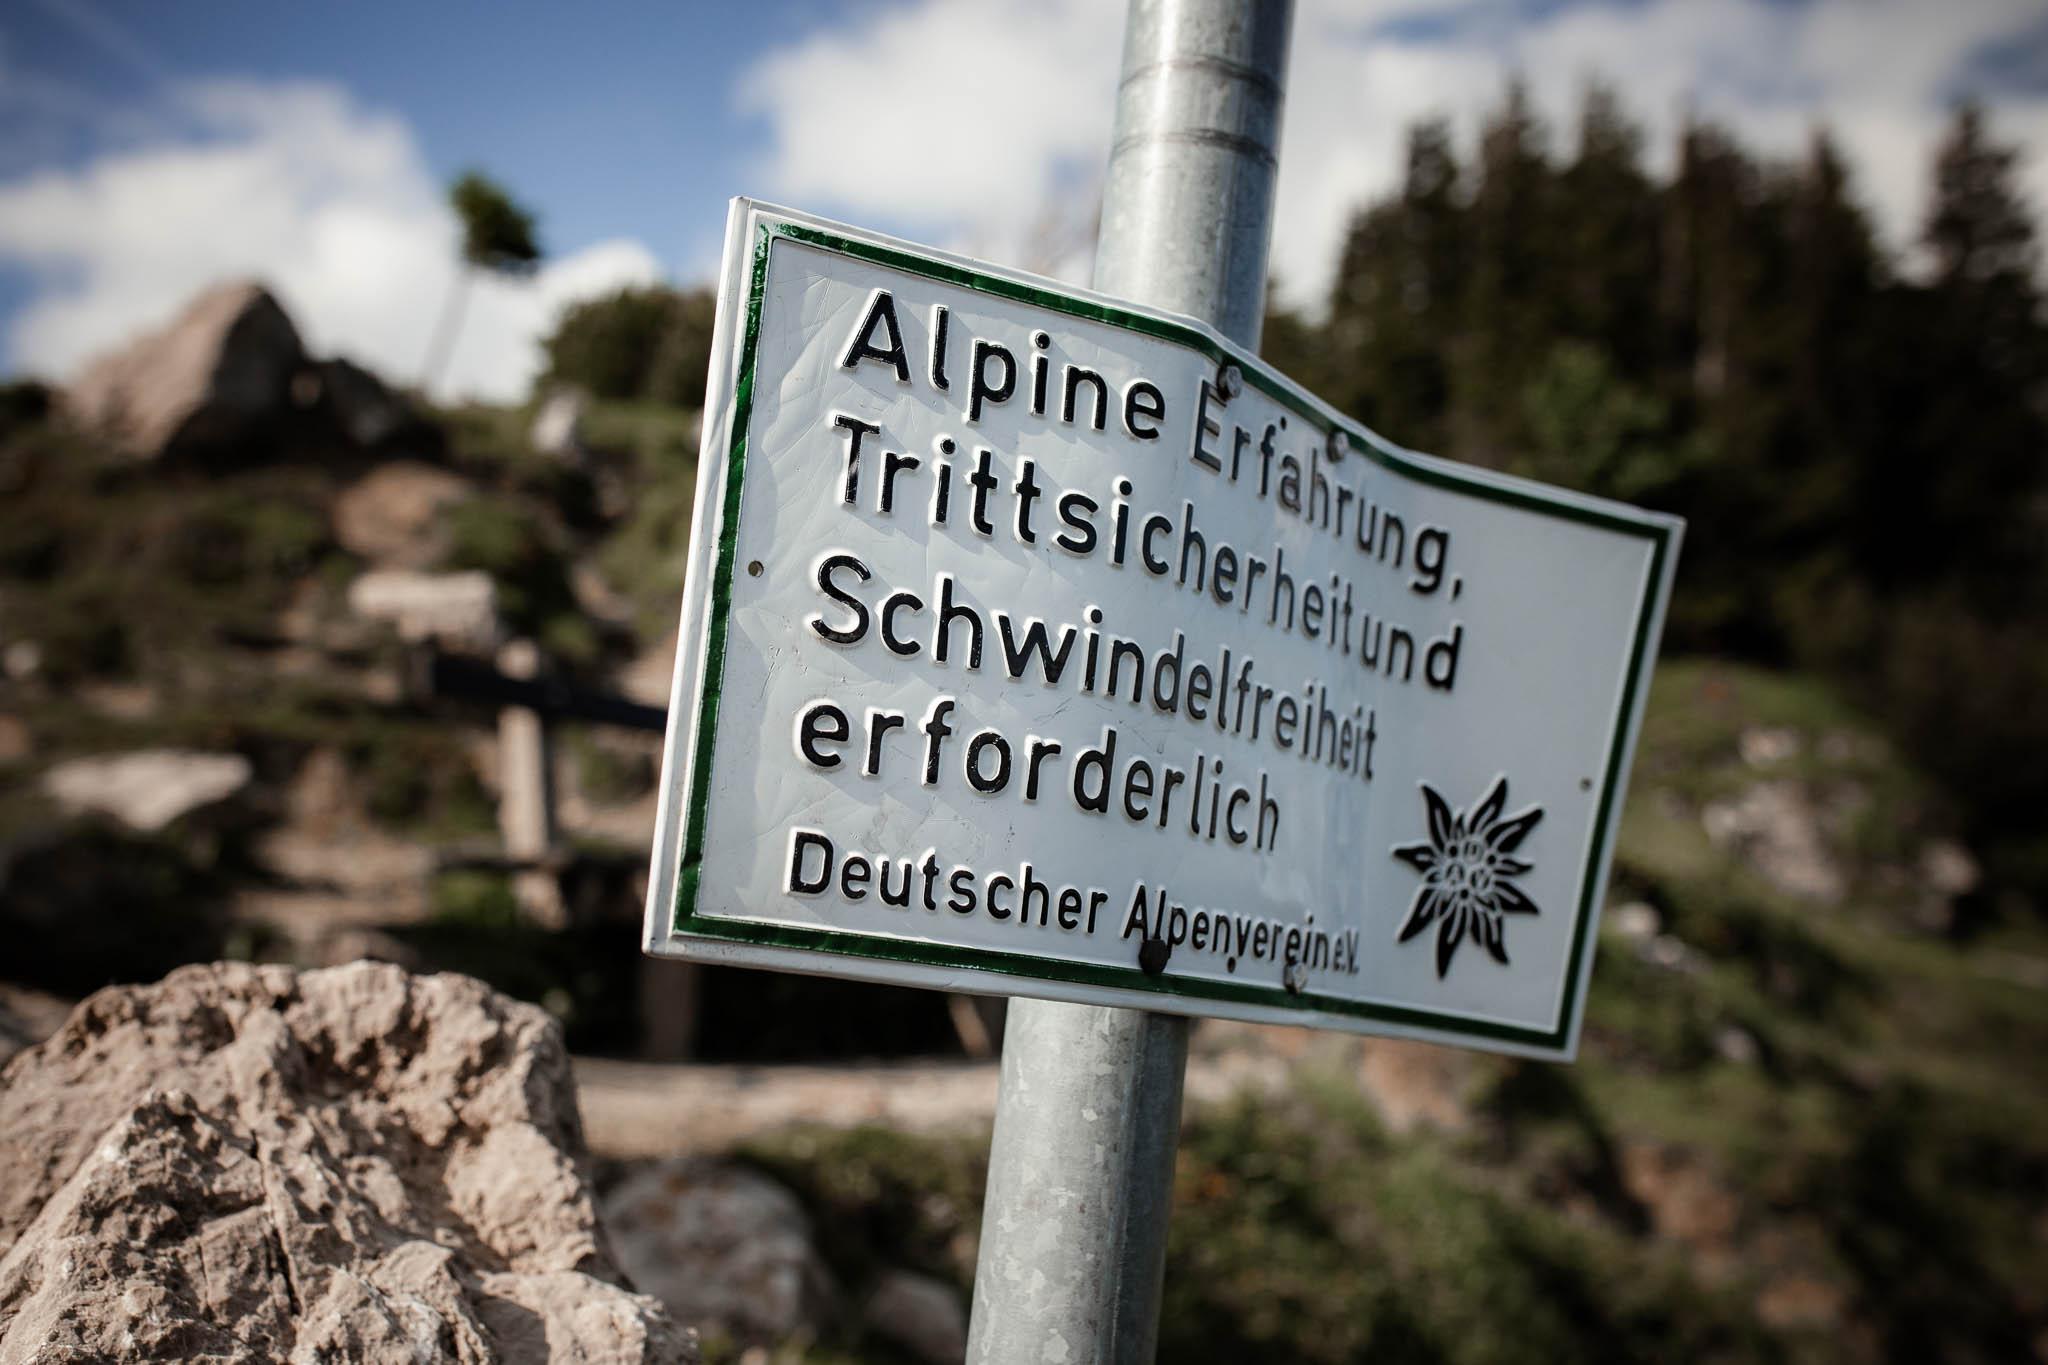 Hochzeitsfotograf Alpen, Chiemgau: freie Trauung von Dennis & Dirk 66